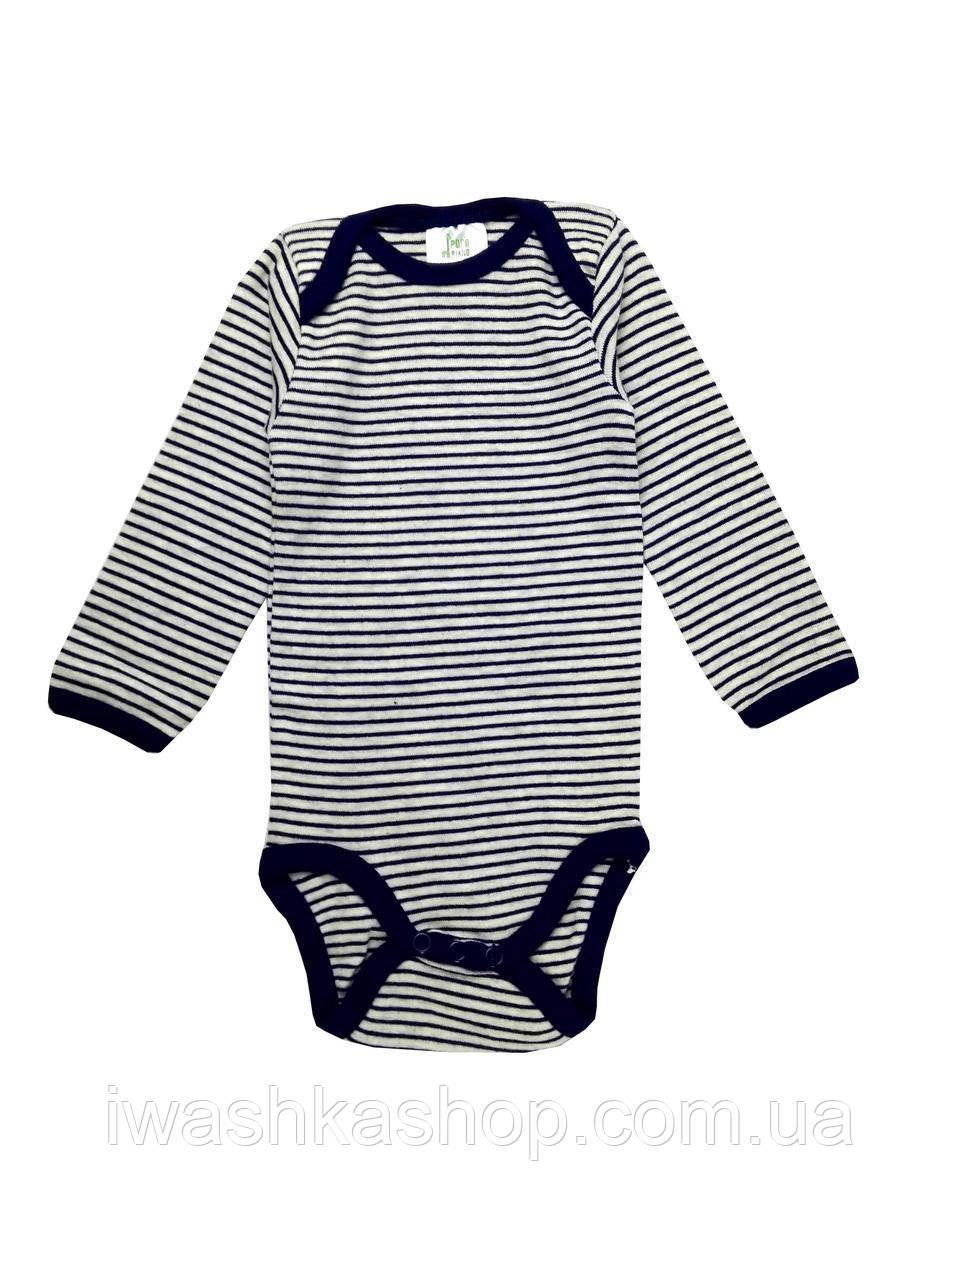 Боди с длинными рукавами на мальчика 2 - 6 месяцев, р. 62 - 68, Pocopiano